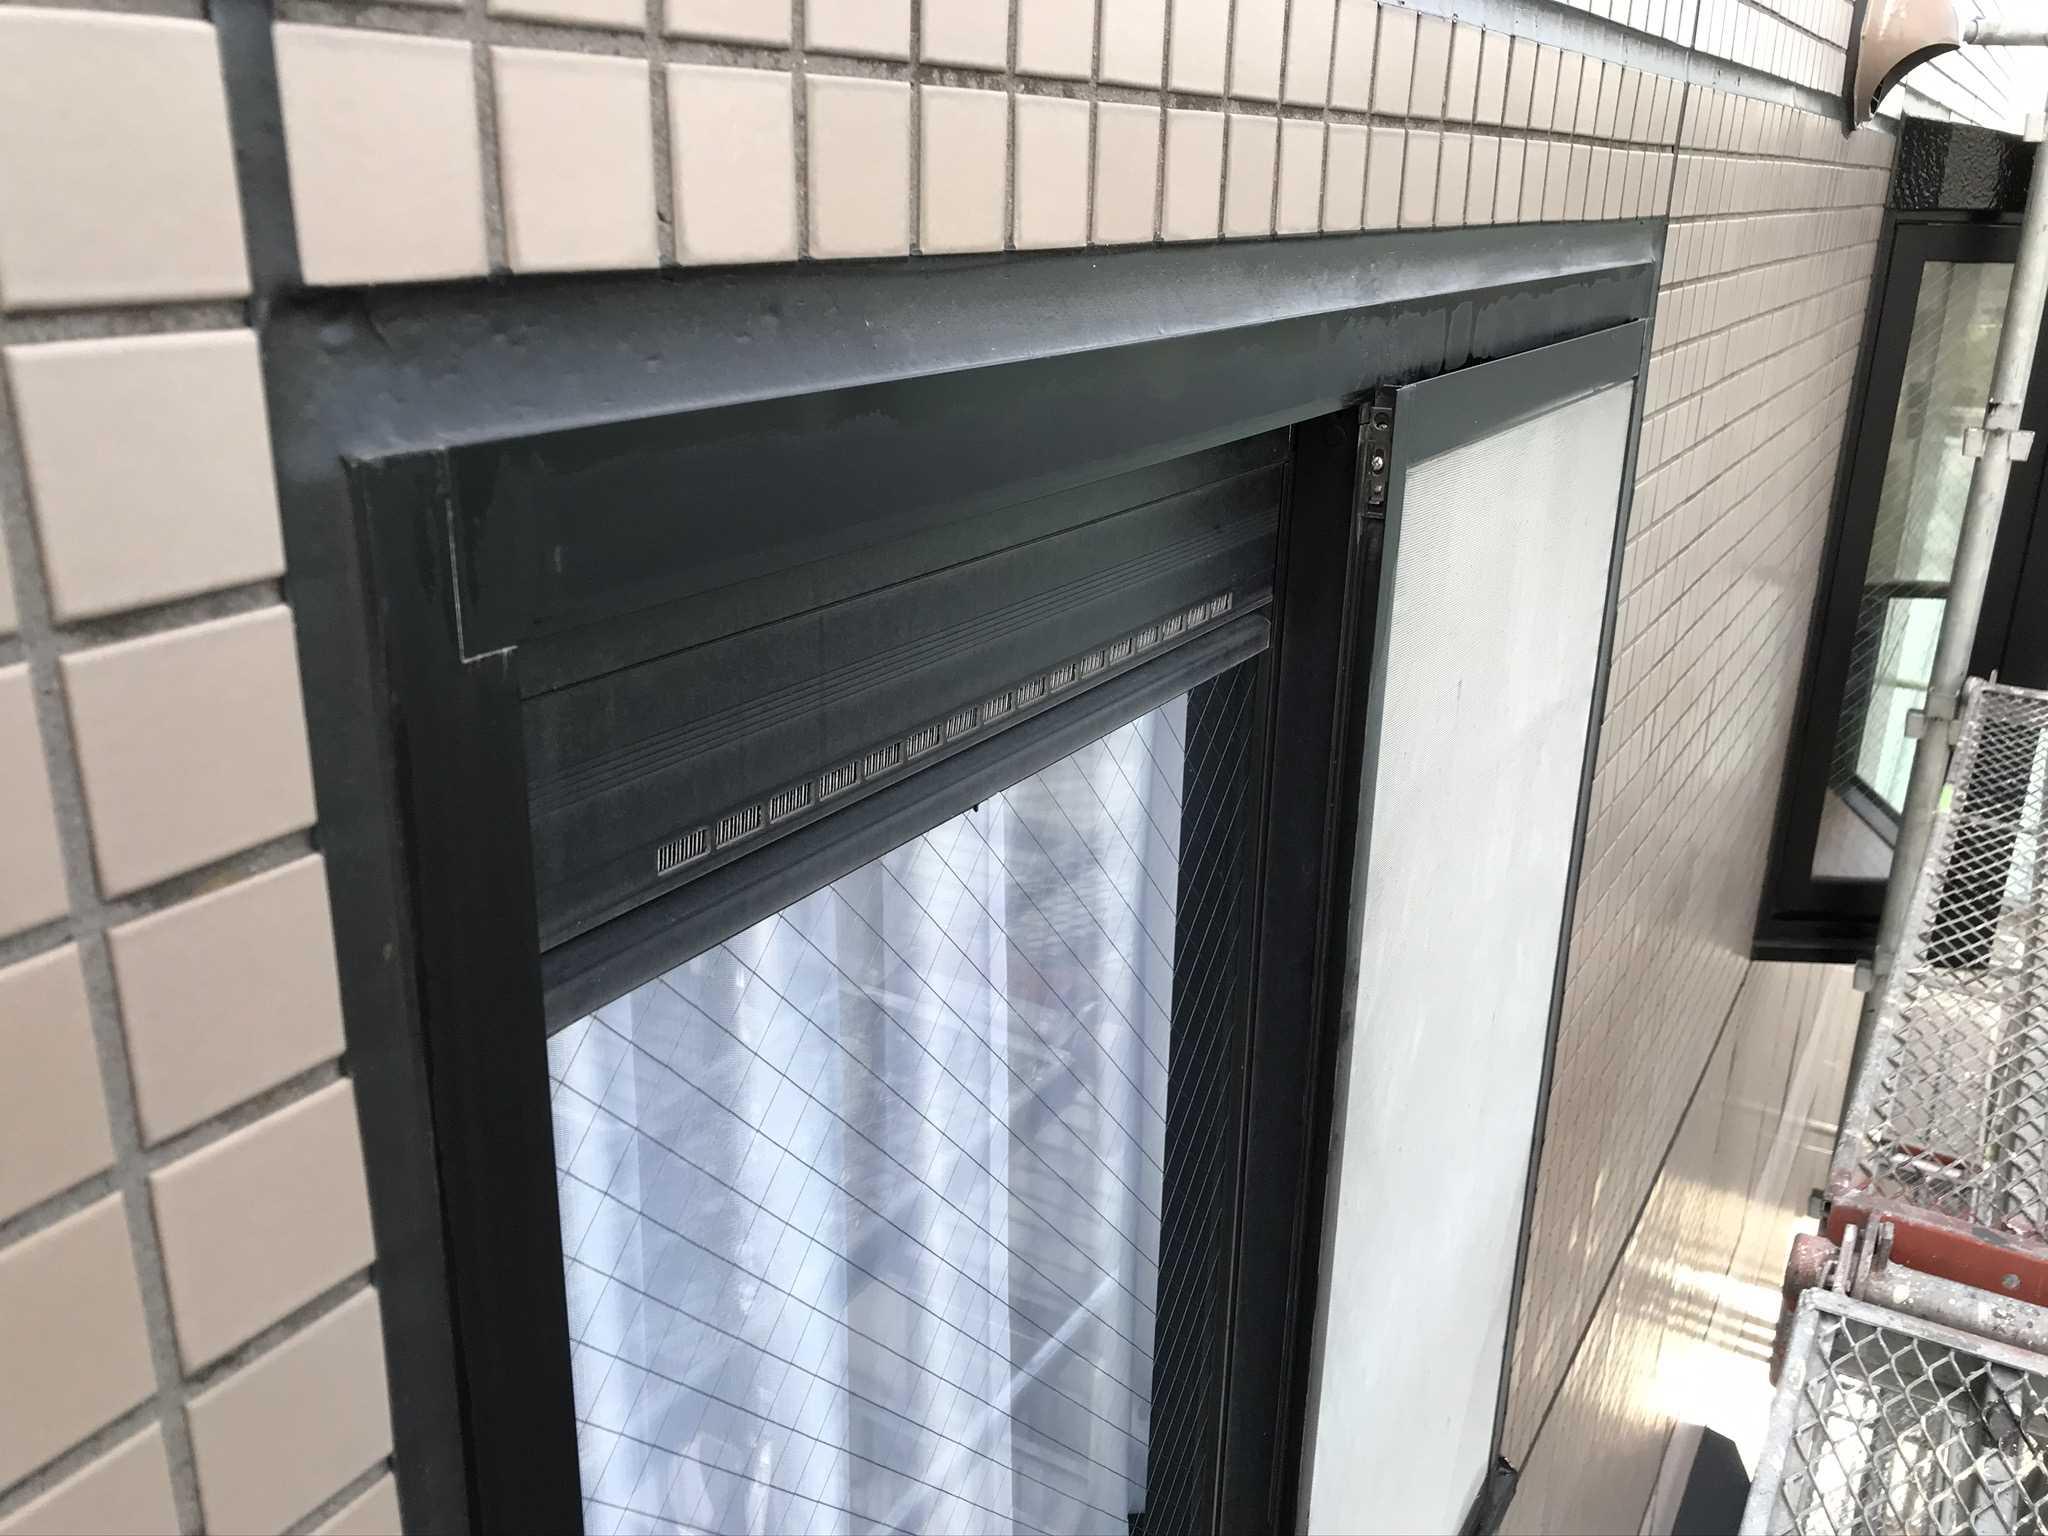 さいたま市北区マンションアルミ製窓枠の汚れ落とし後